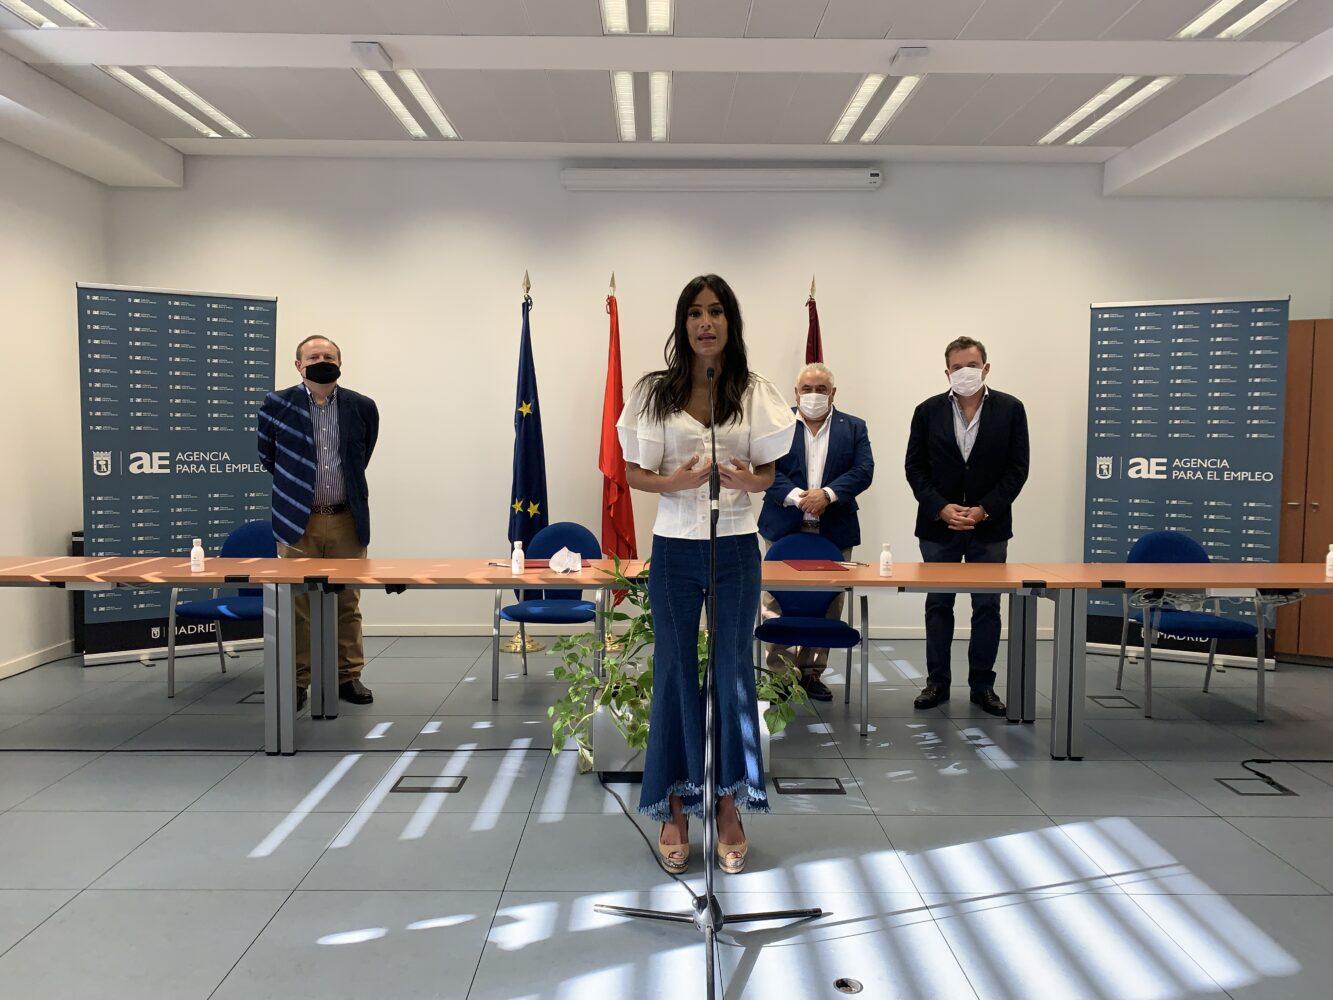 Hostelería Madrid acuerda con la Agencia de Empleo potenciar la formación cualificada en hostelería - La Viña